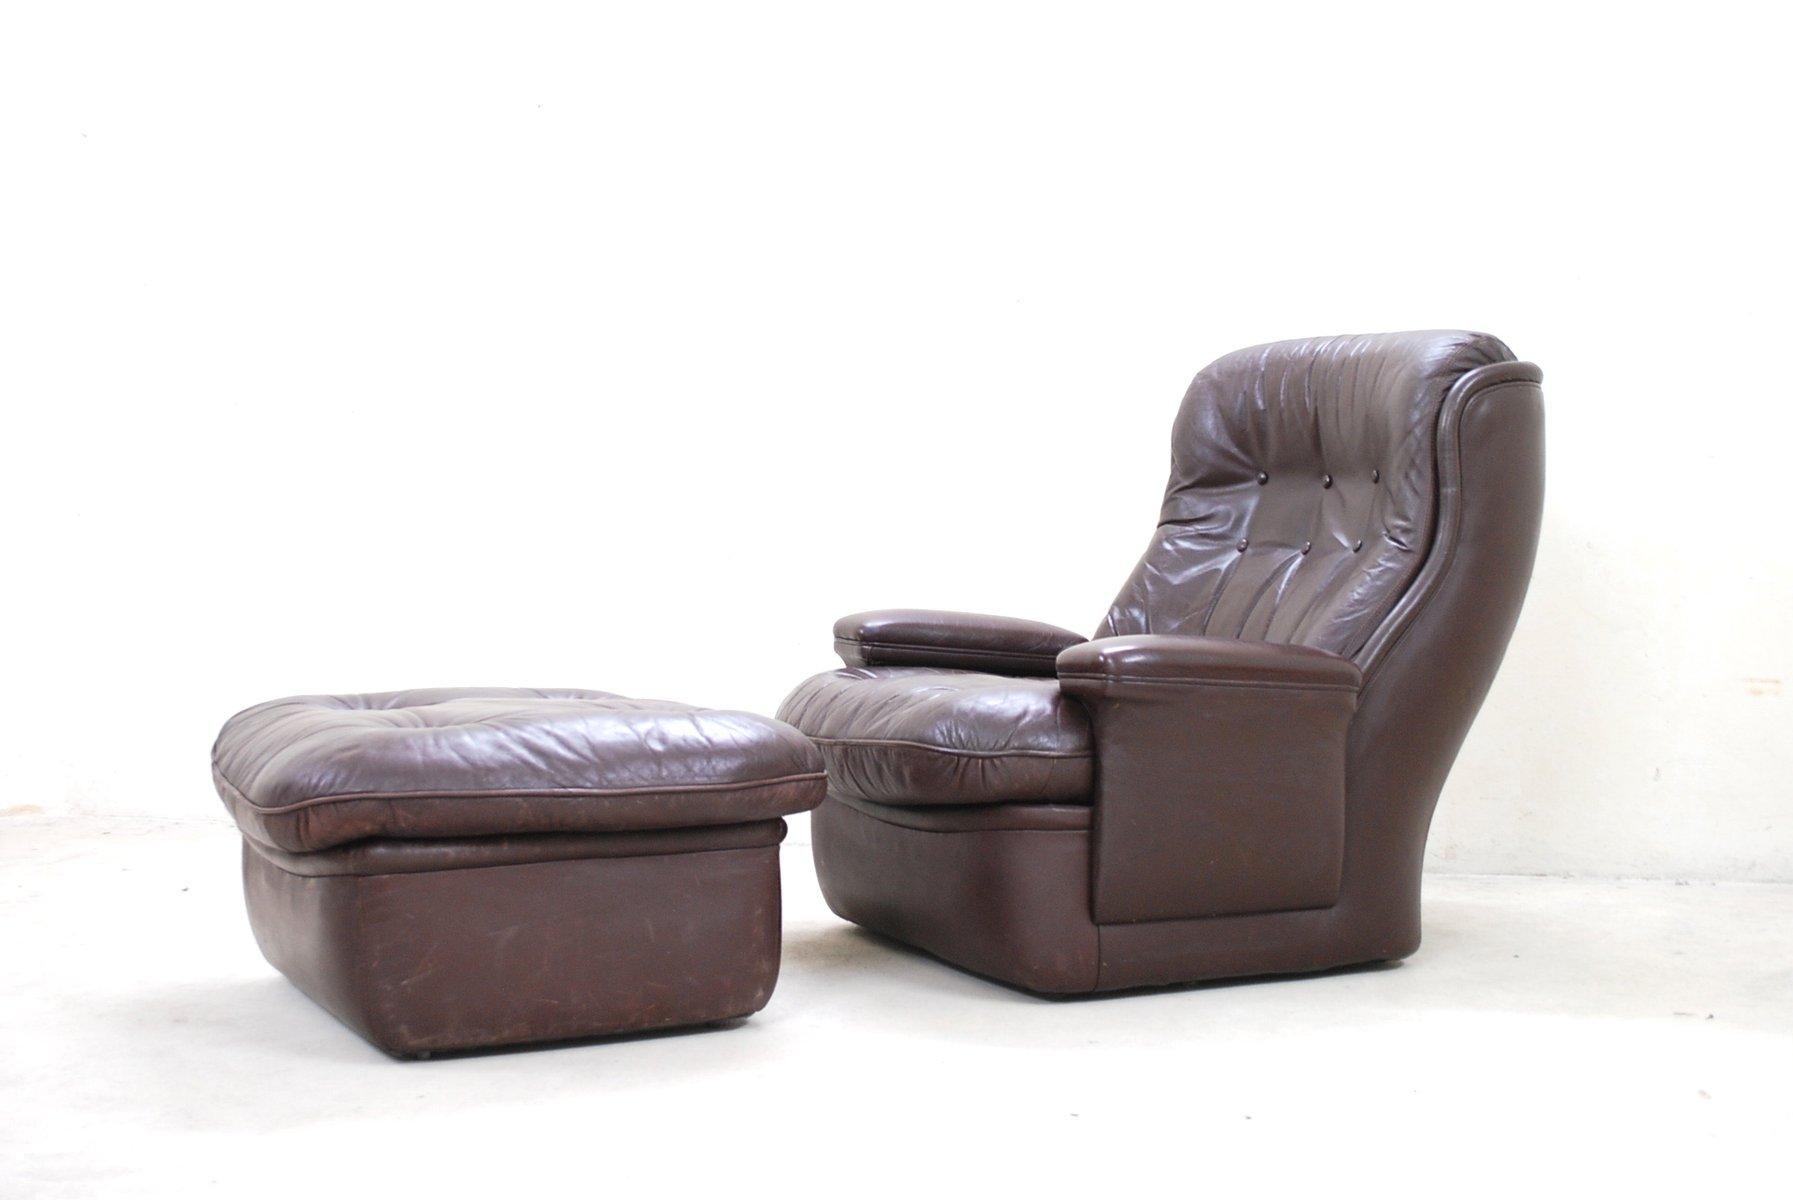 Brauner vintage leder lounge stuhl und ottoman von for Brauner stuhl